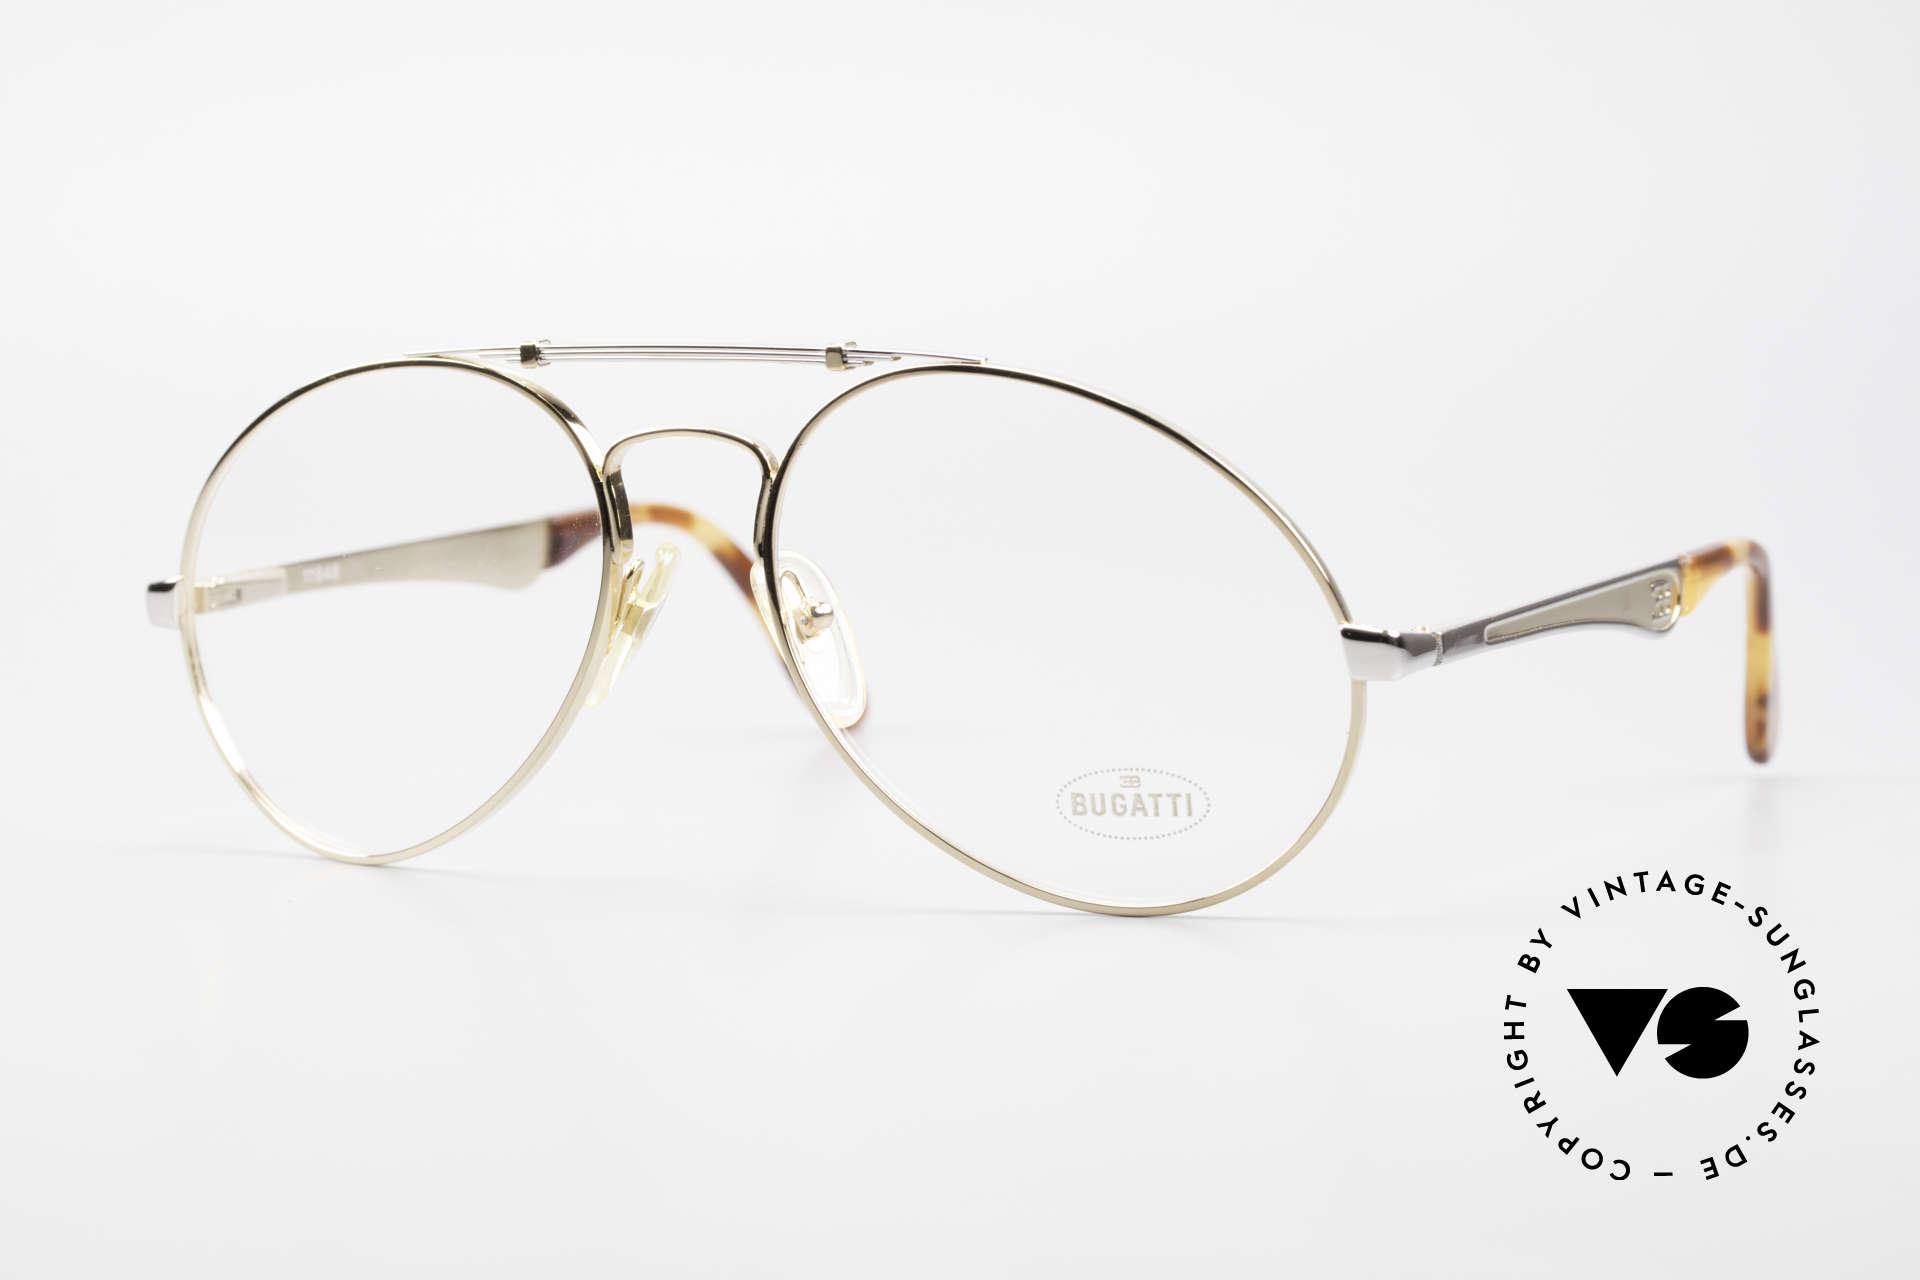 Bugatti 11948 Vergoldete Luxusbrille XL 80er, 80er vintage Herren-Brillenfassung in Gr. 58/20, Passend für Herren